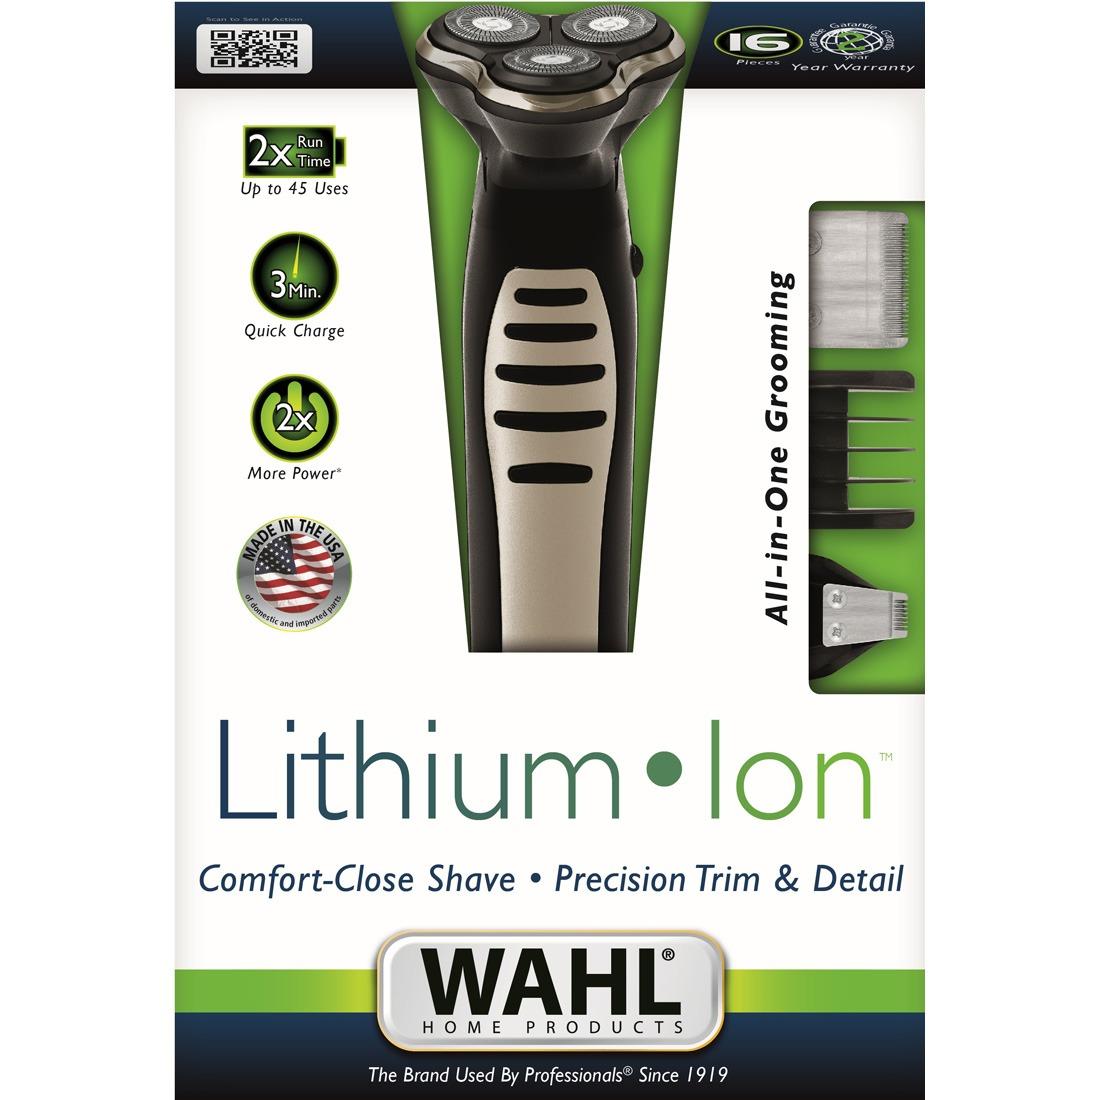 6f89a6727 Kit Barbeador E Aparador 3 Em 1 Wahl - Lithium Ion Shaver - R$ 138 ...